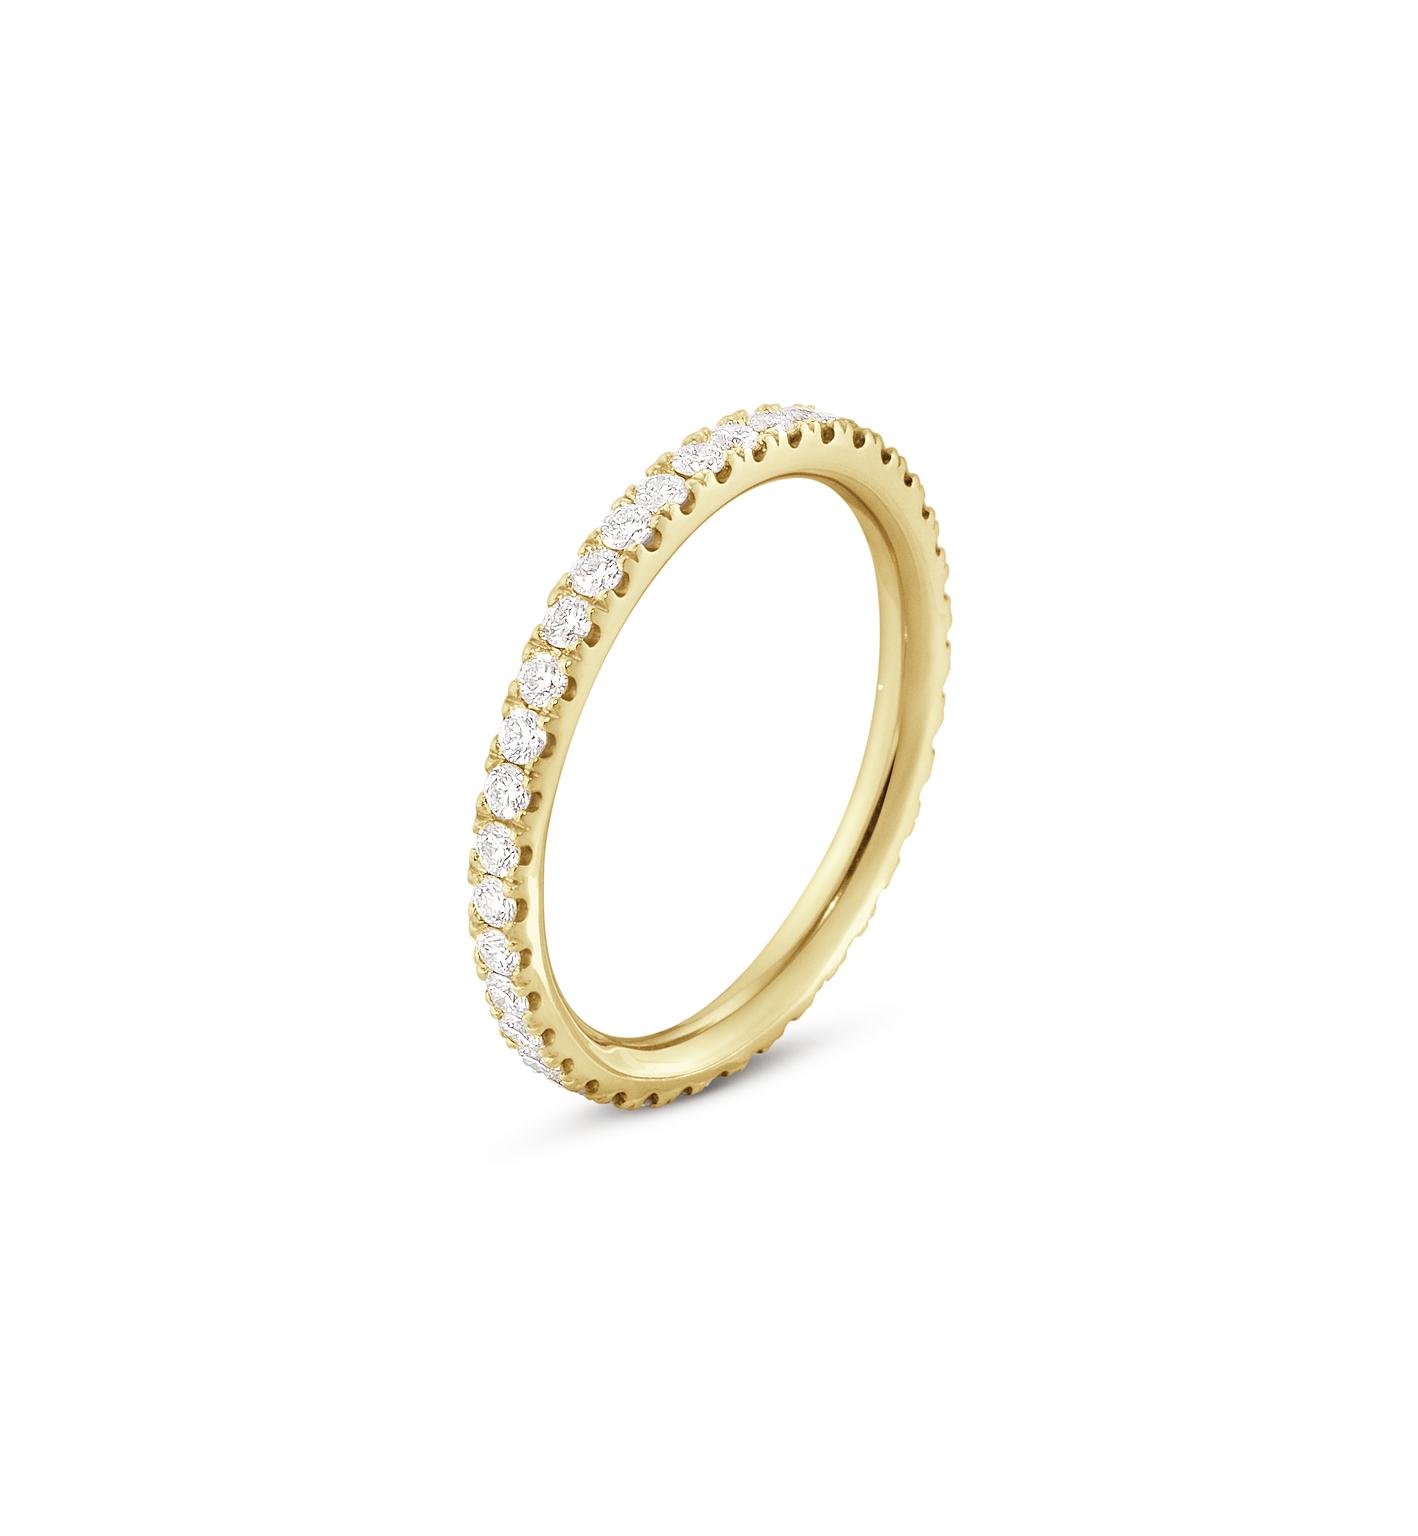 Georg Jensen AURORA ring - 3572700 18 kt / 0.52 ct 55